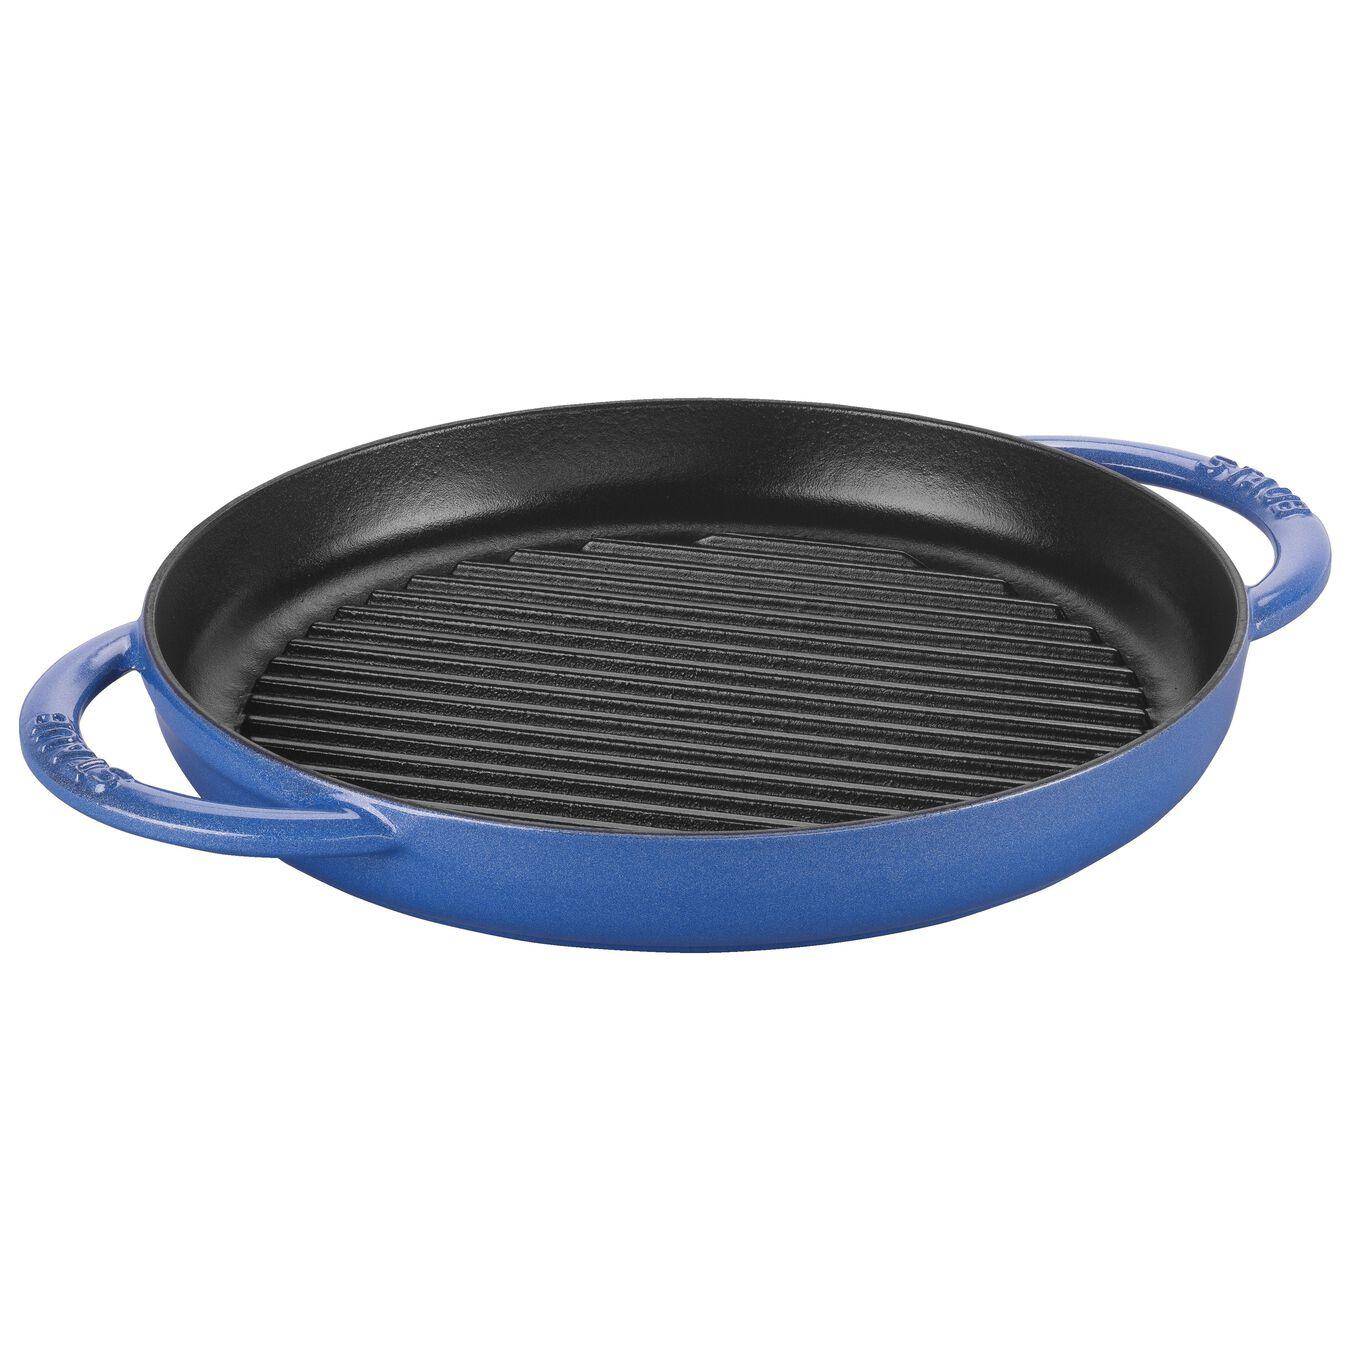 round, Grill pan, Metallic Blue,,large 1